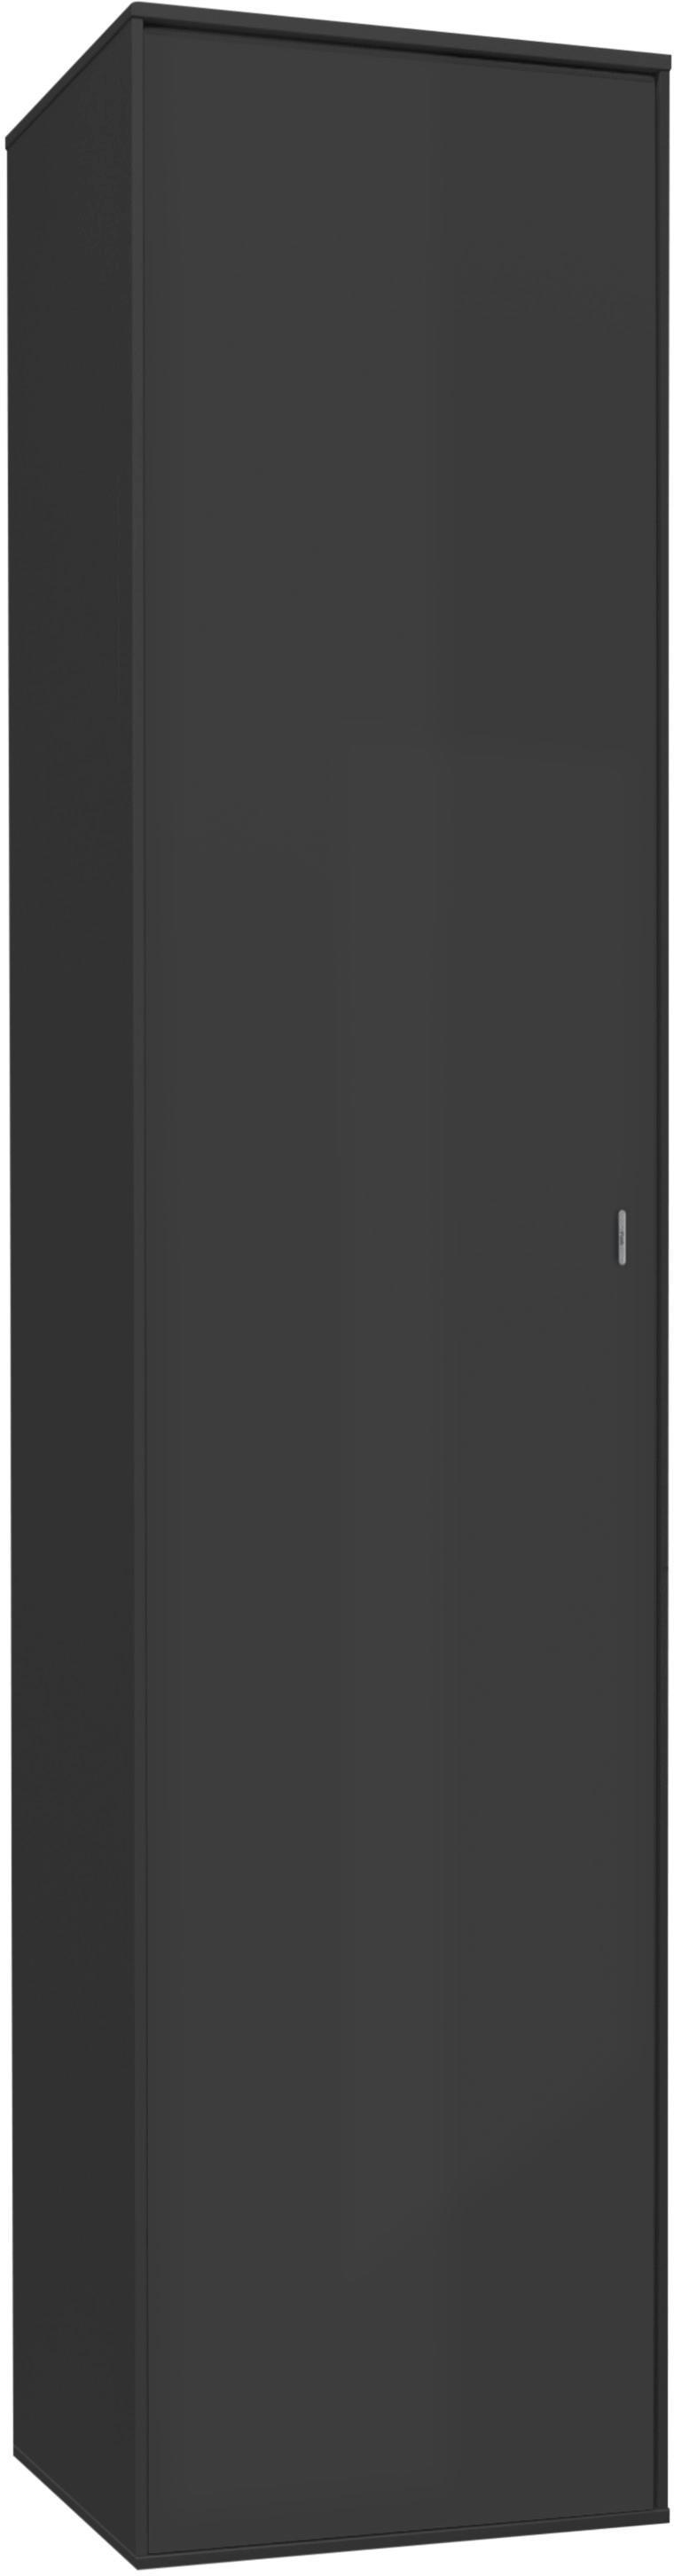 Hängeschrank Mix Box 0771-HS 1-175 günstig online kaufen